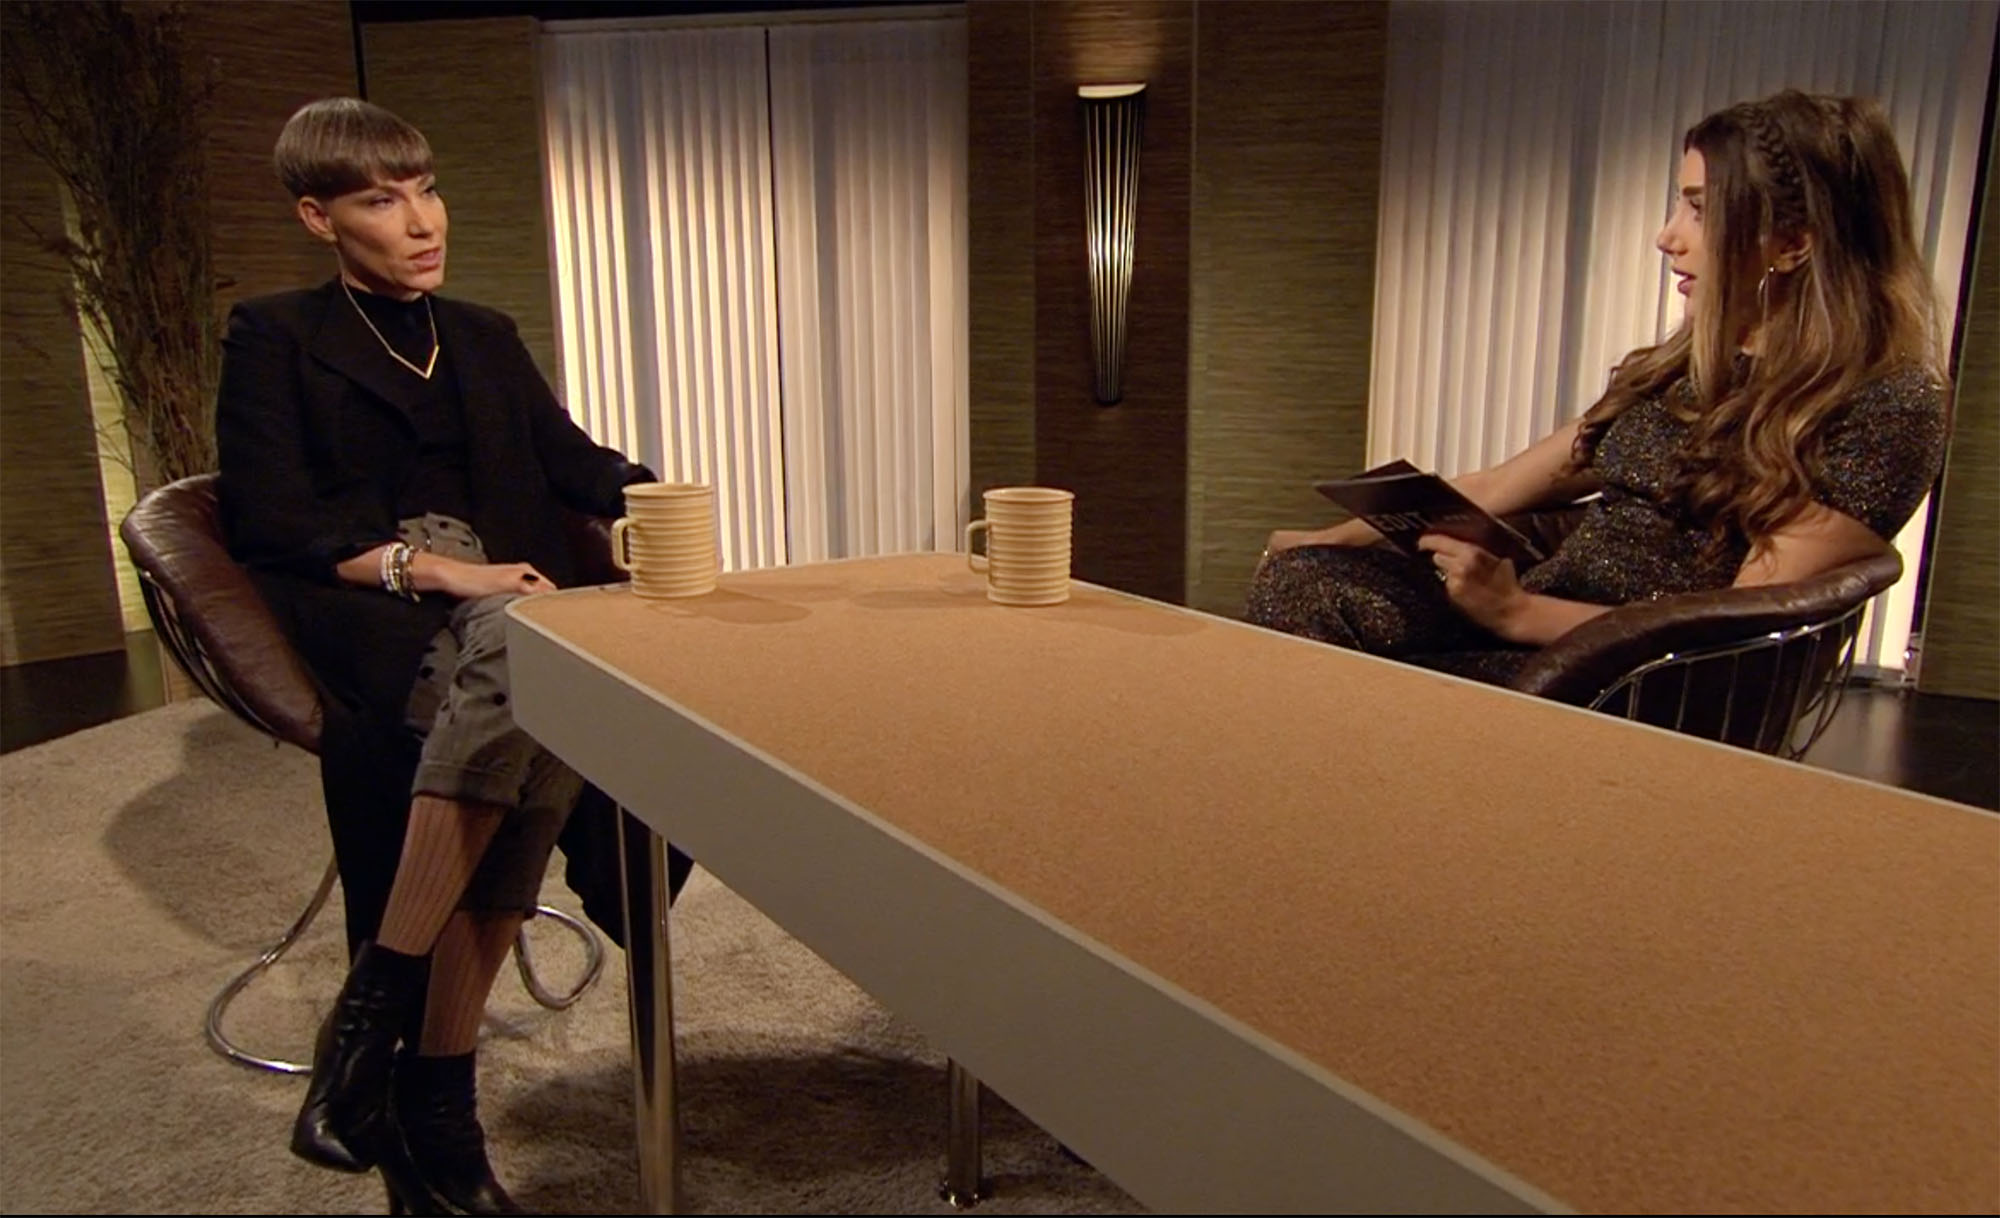 Darja Isaksson gästar Gina Dirawi i programmet Edit: Dirawi som sändes igår kl 22.15 på SVT2.